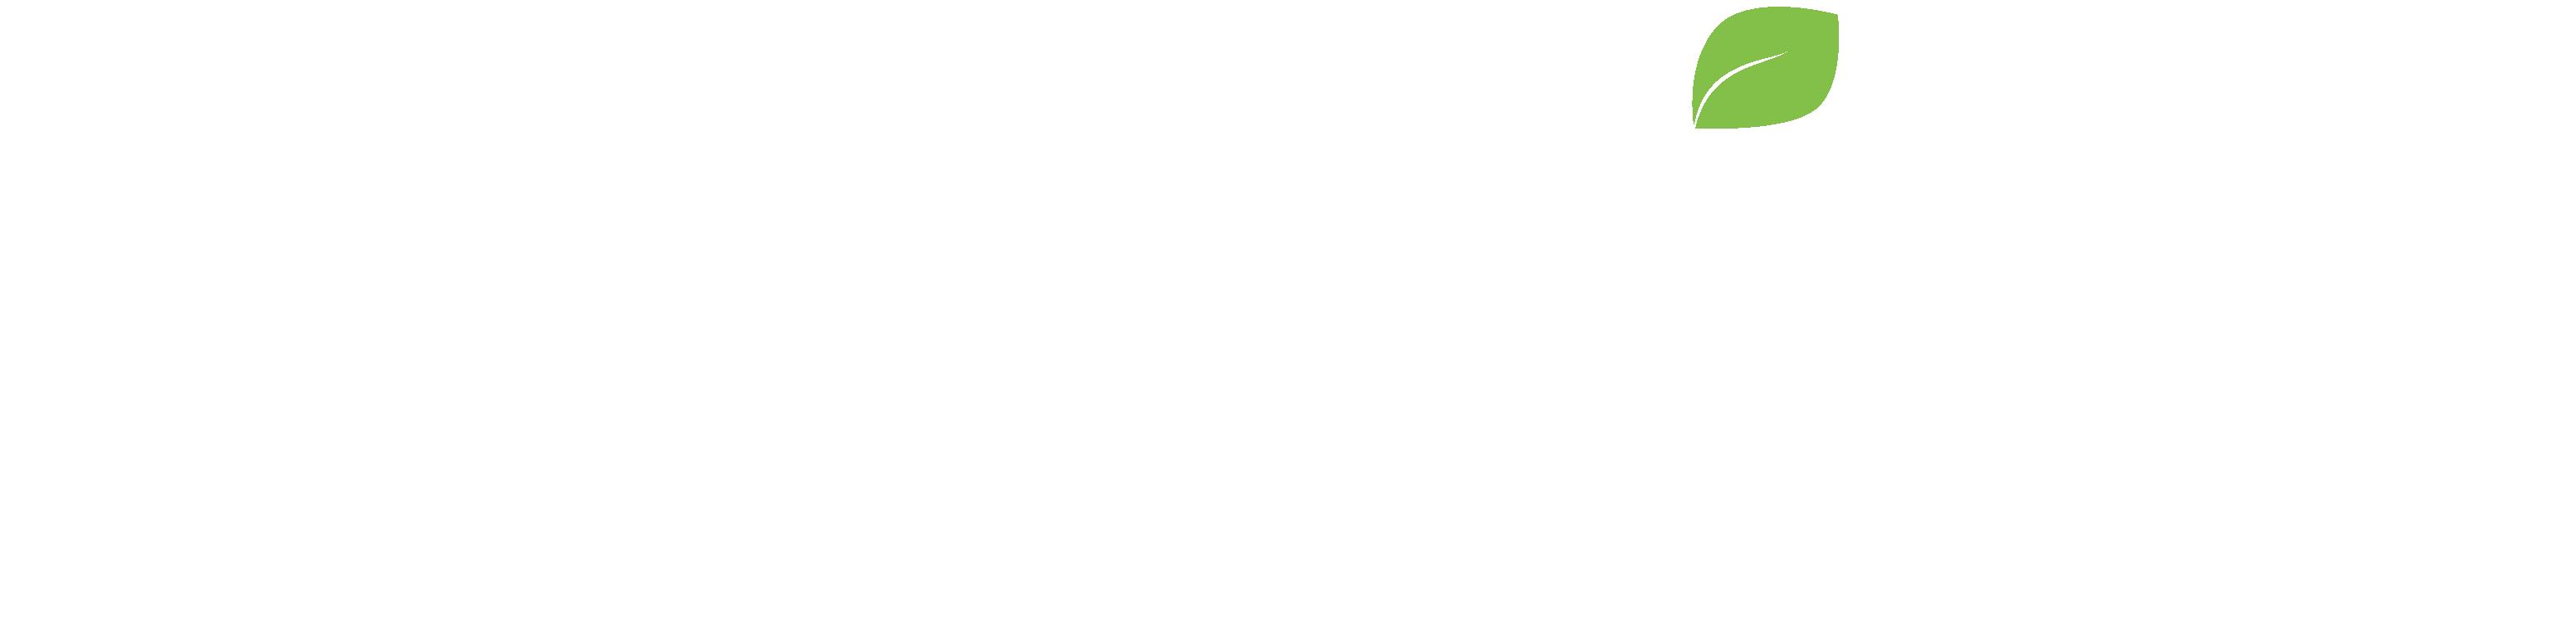 pixelvine-logo